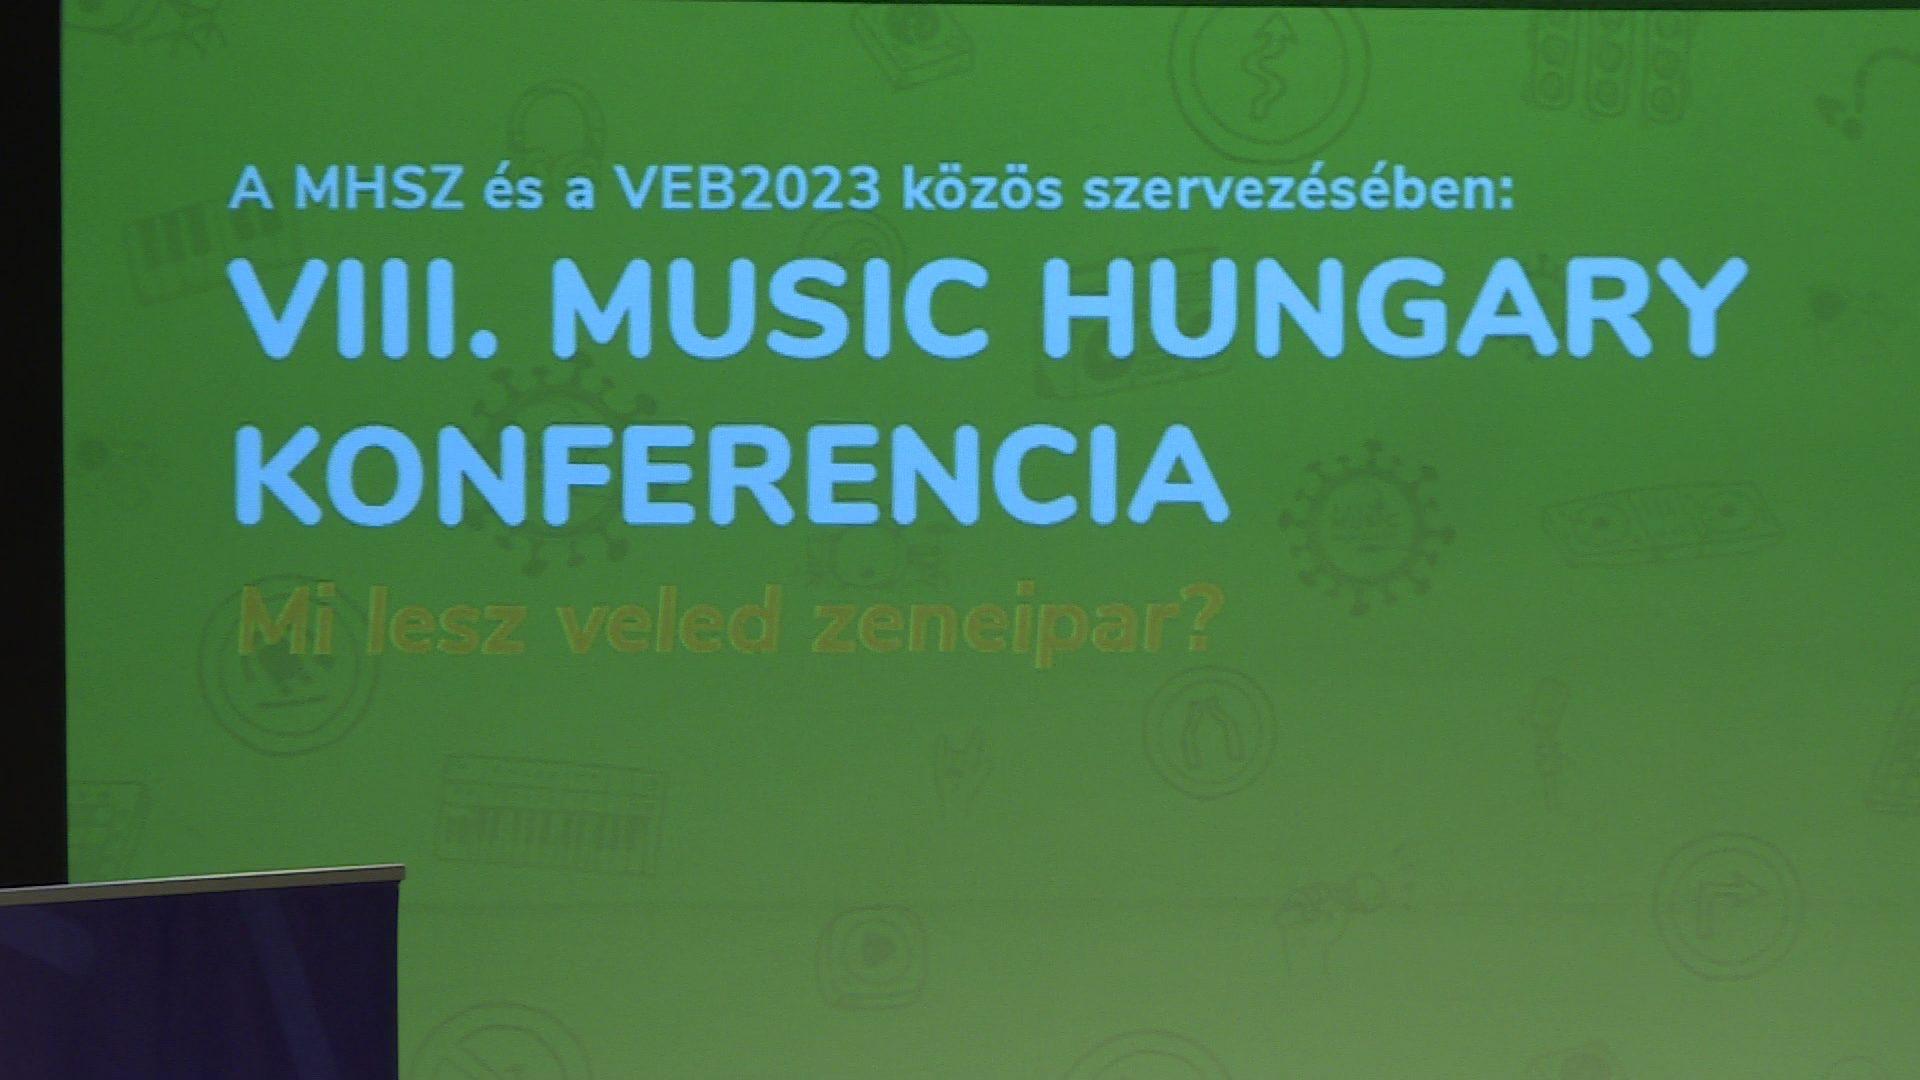 Mi lesz veled zeneipar?